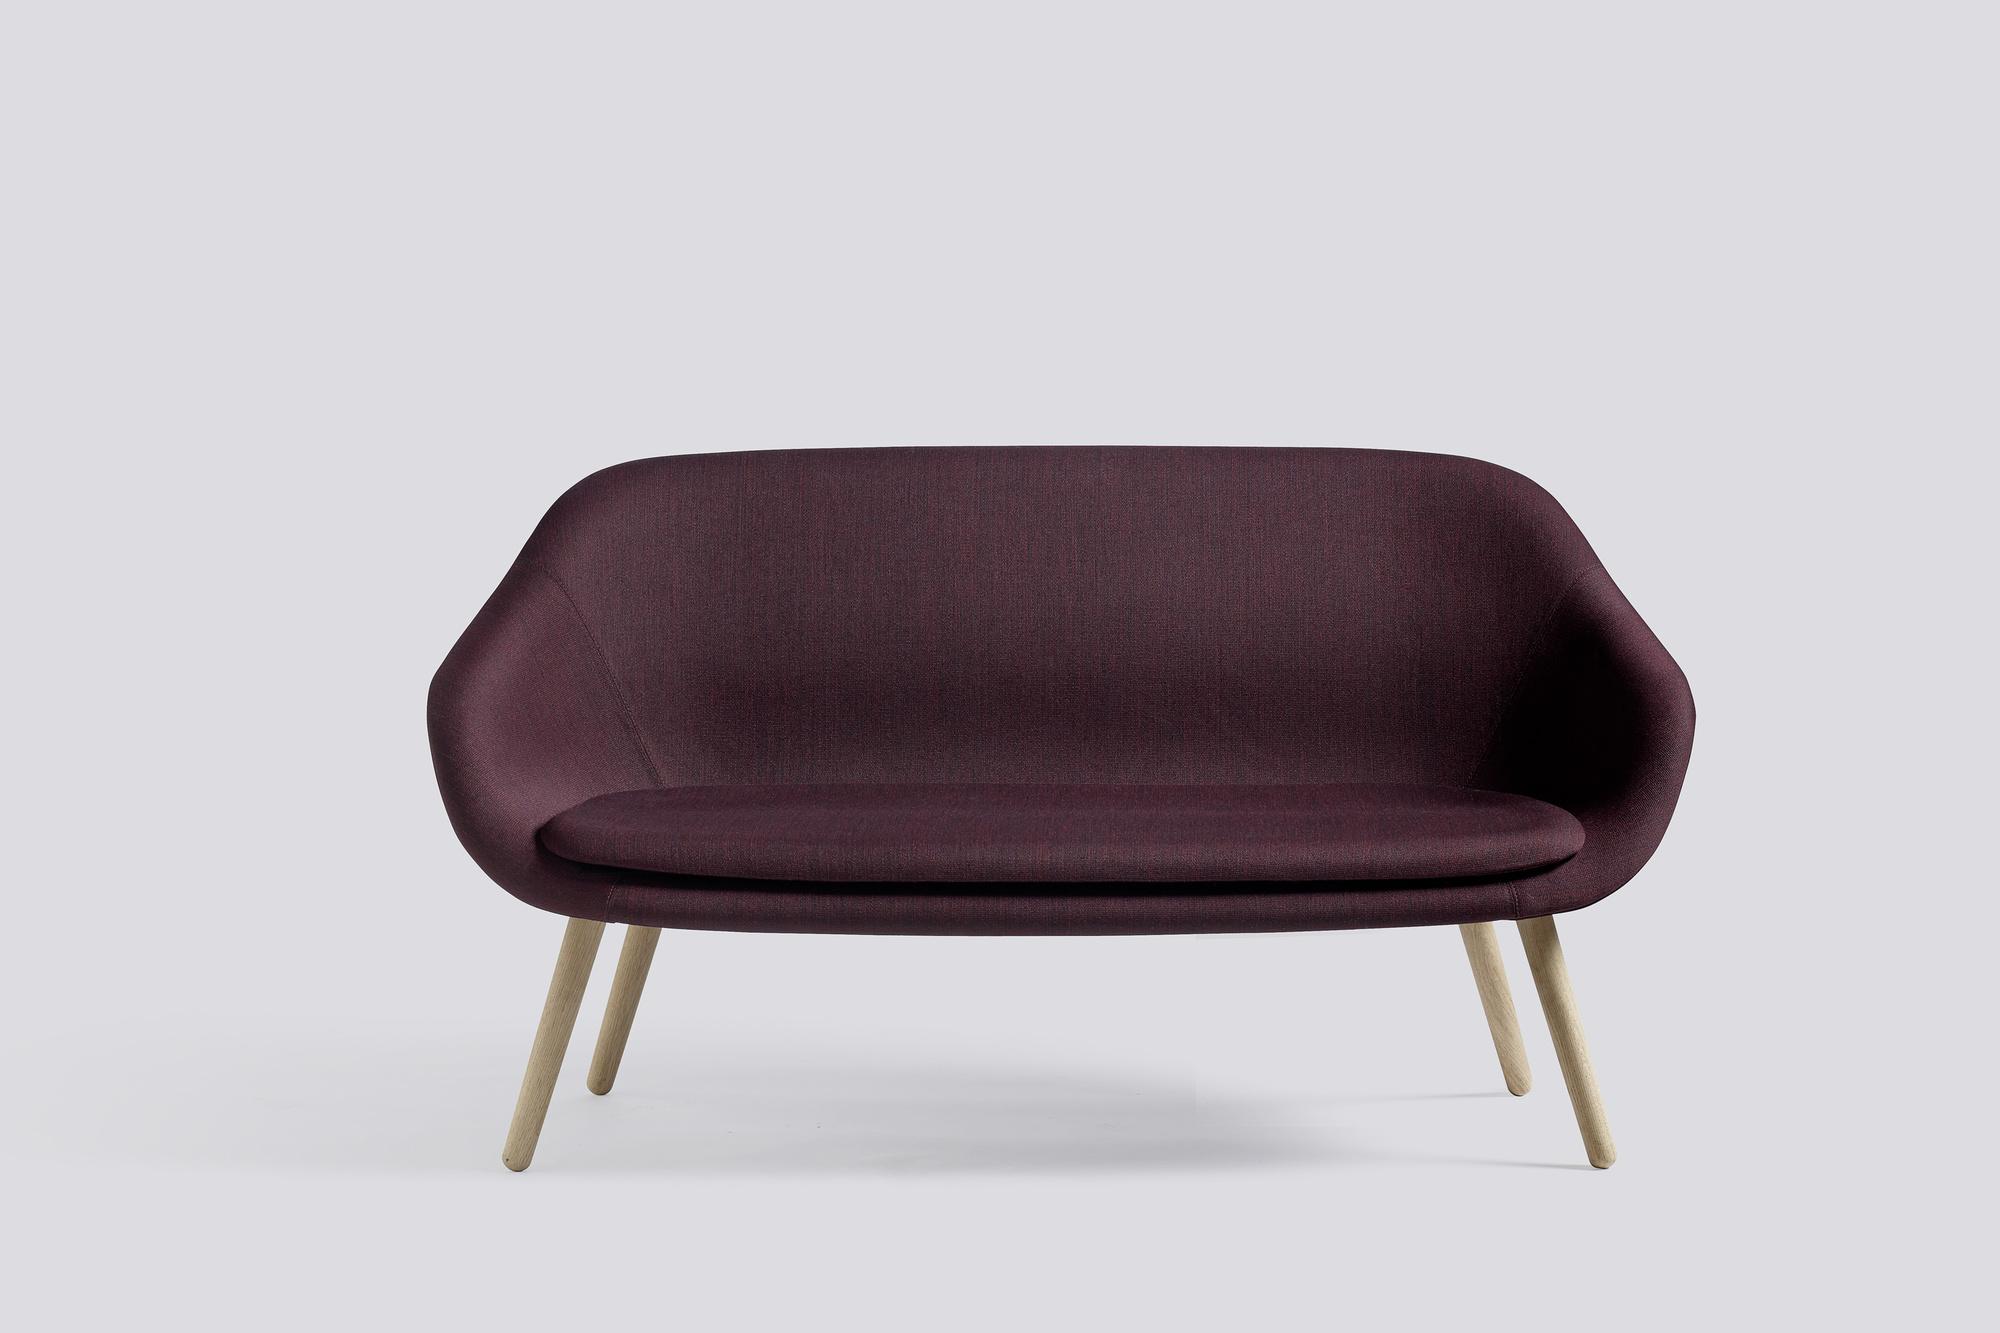 sofa burdeos hay muebles mallorca